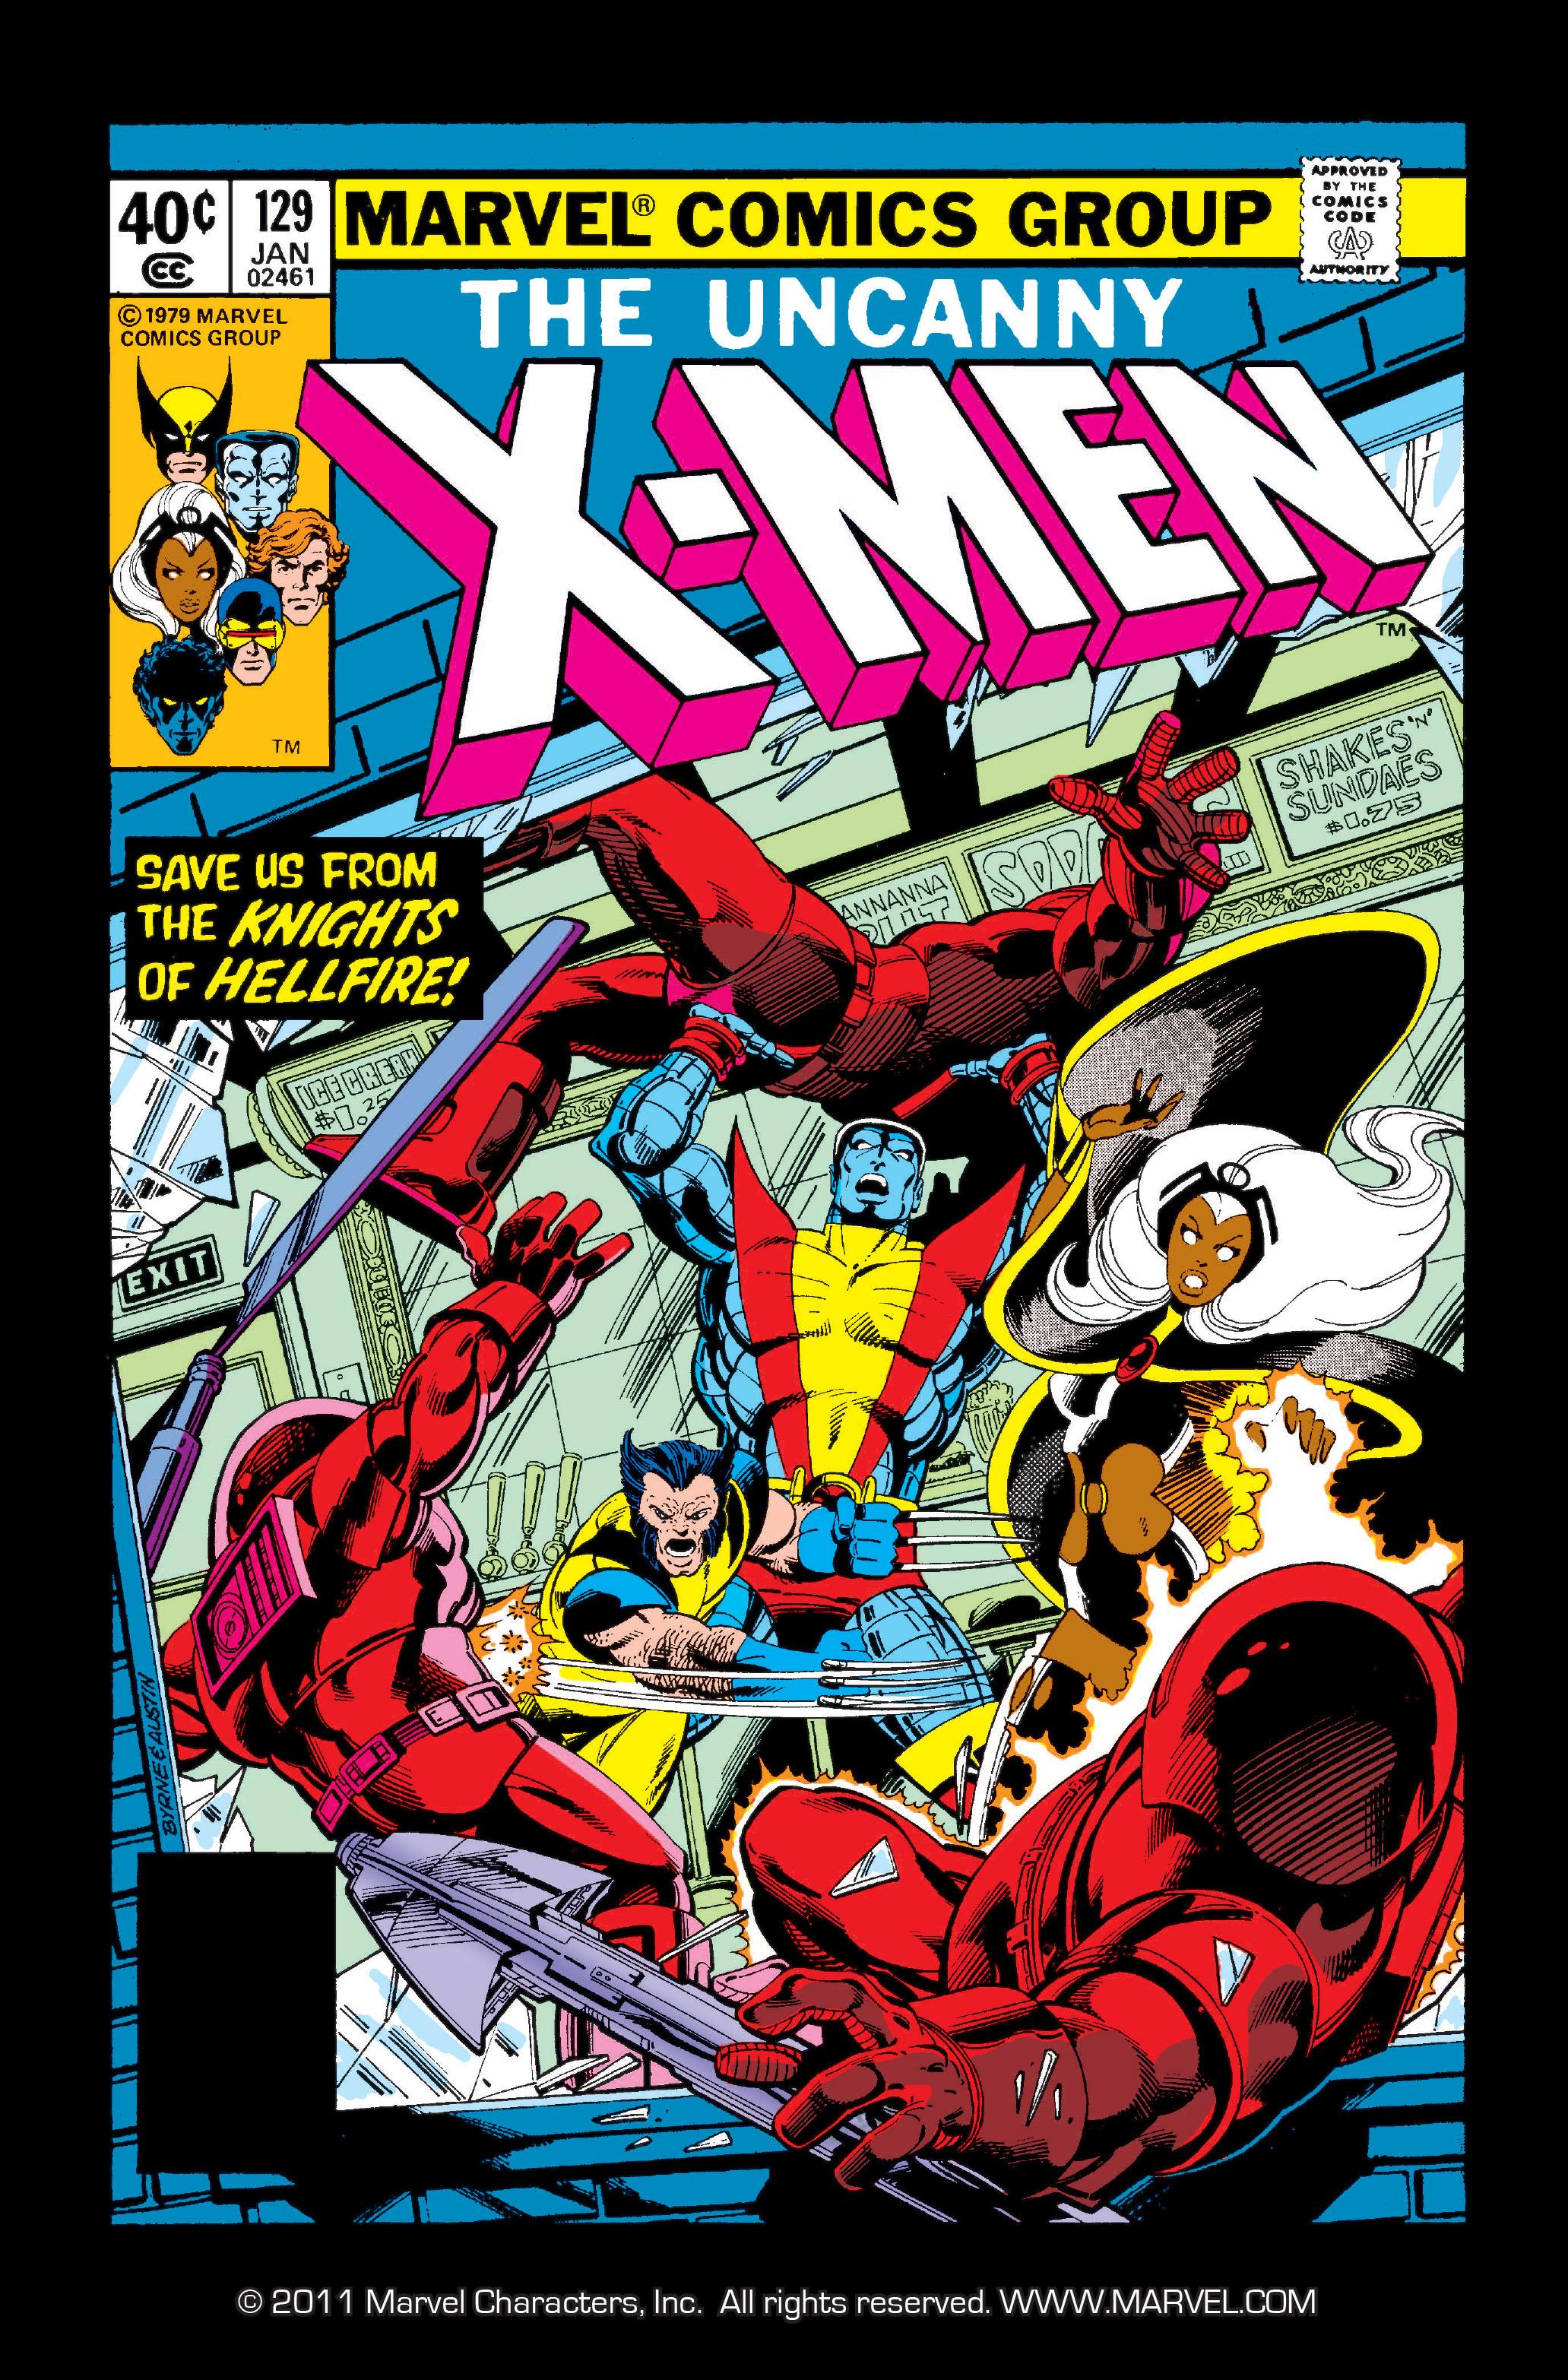 Read online Uncanny X-Men (1963) comic -  Issue #129 - 1